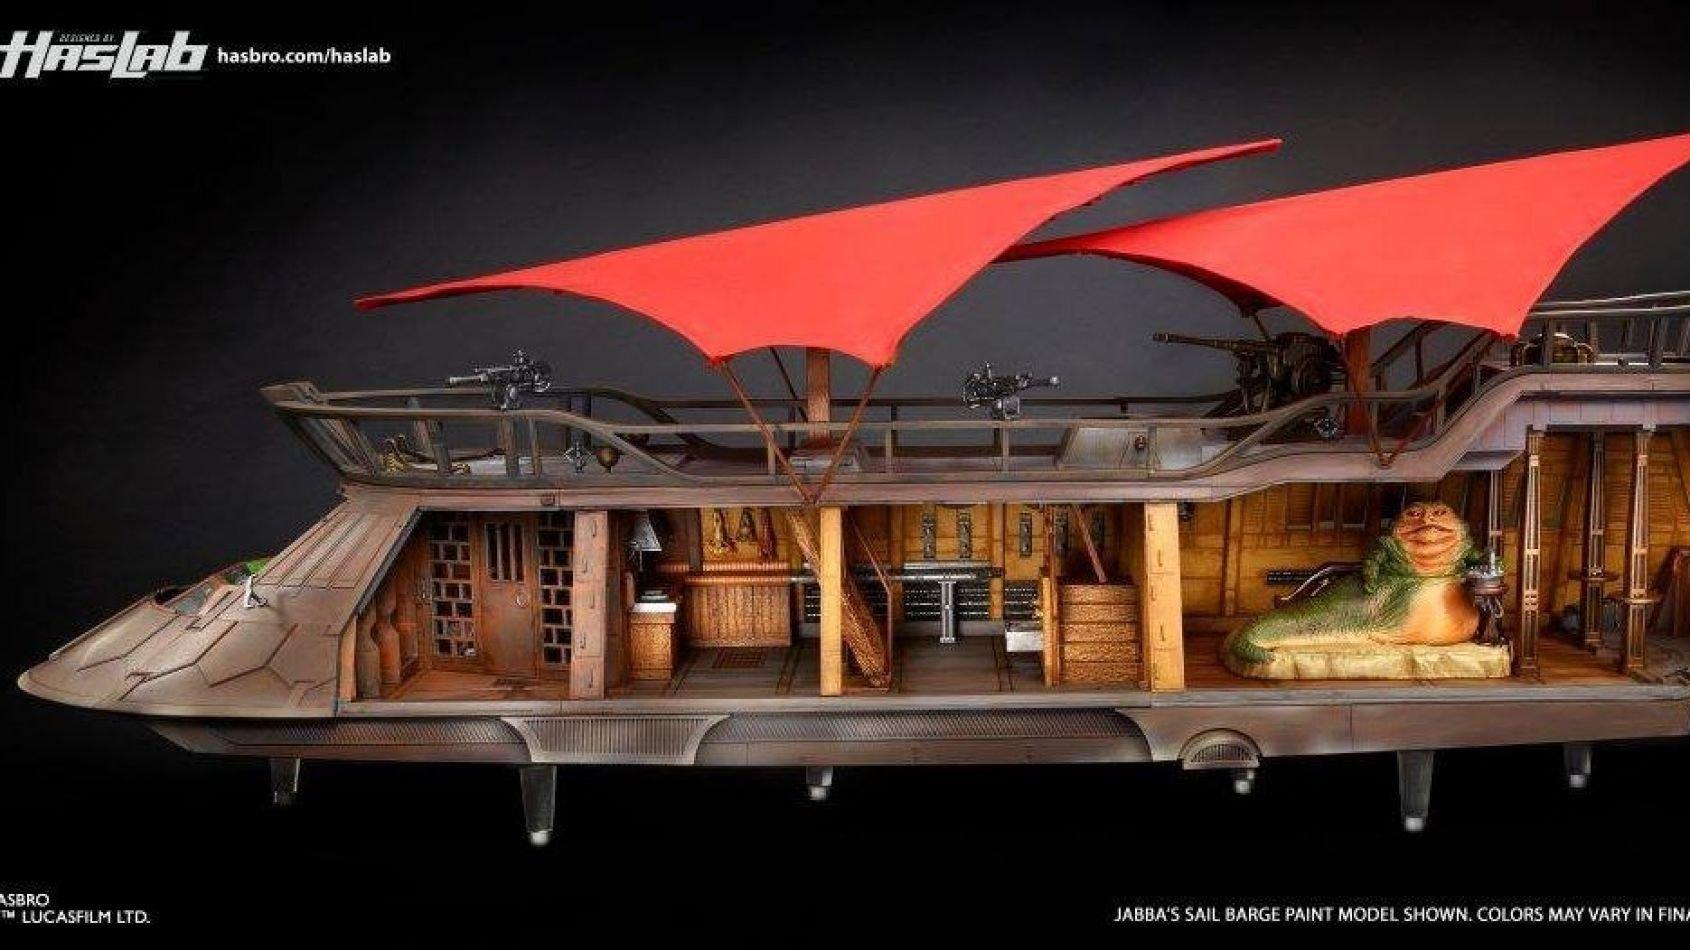 La barge de Jabba Hasbro se dévoile un peu plus